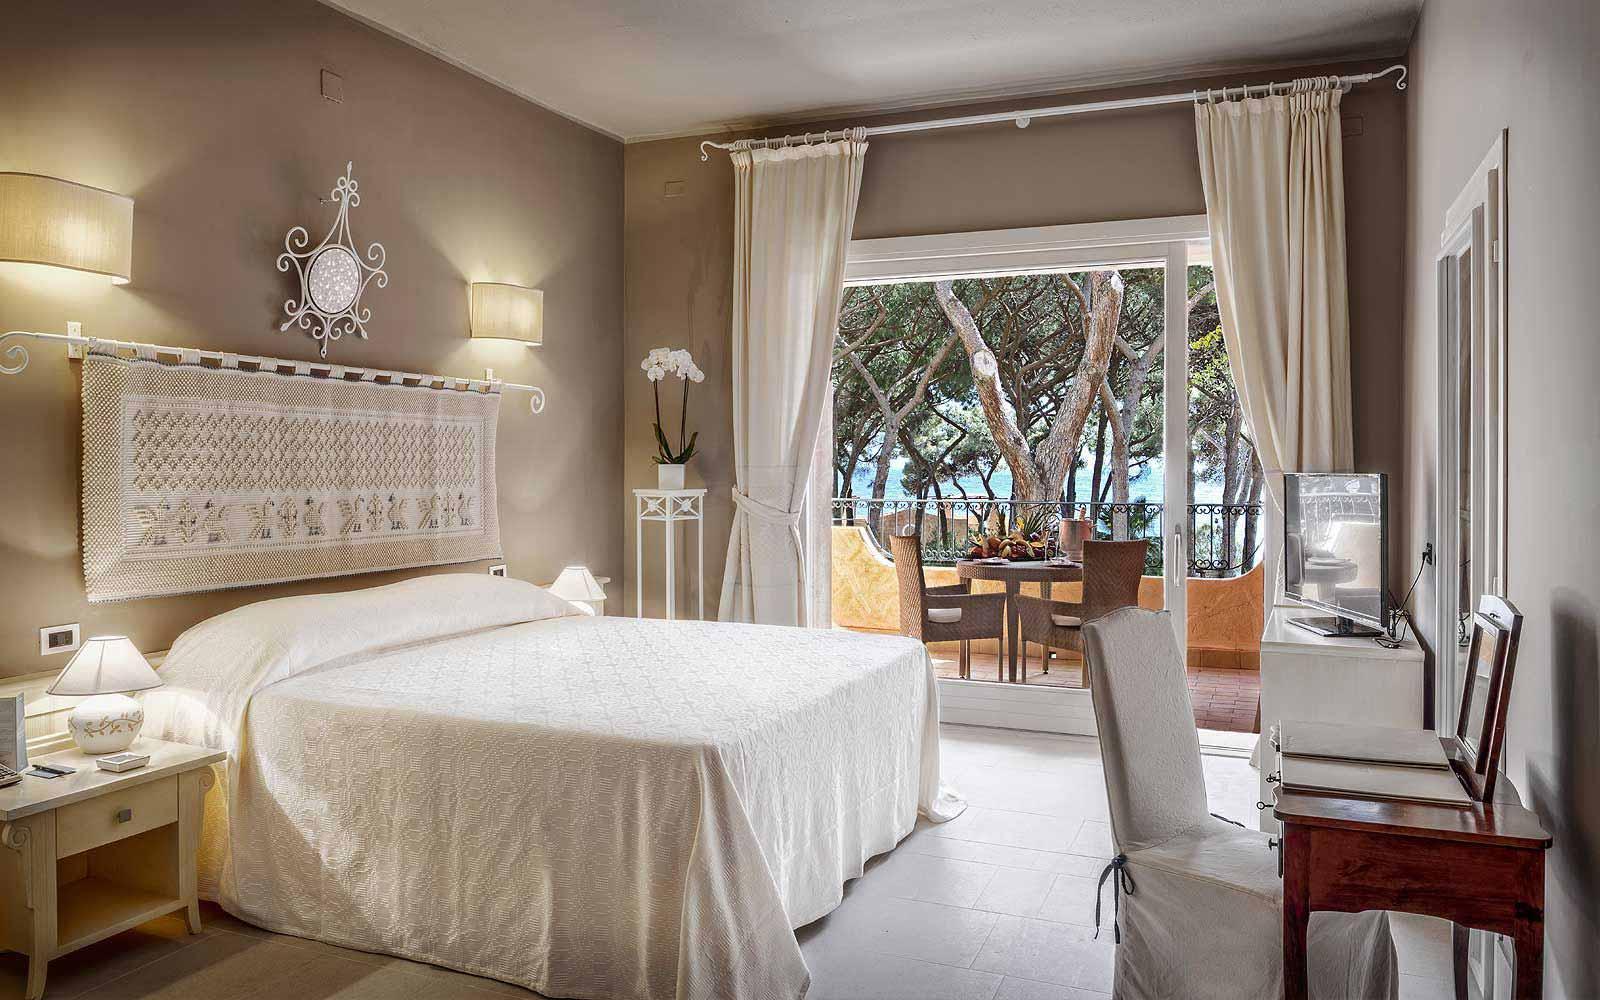 Executive Mare room at Forte Village Hotel Castello